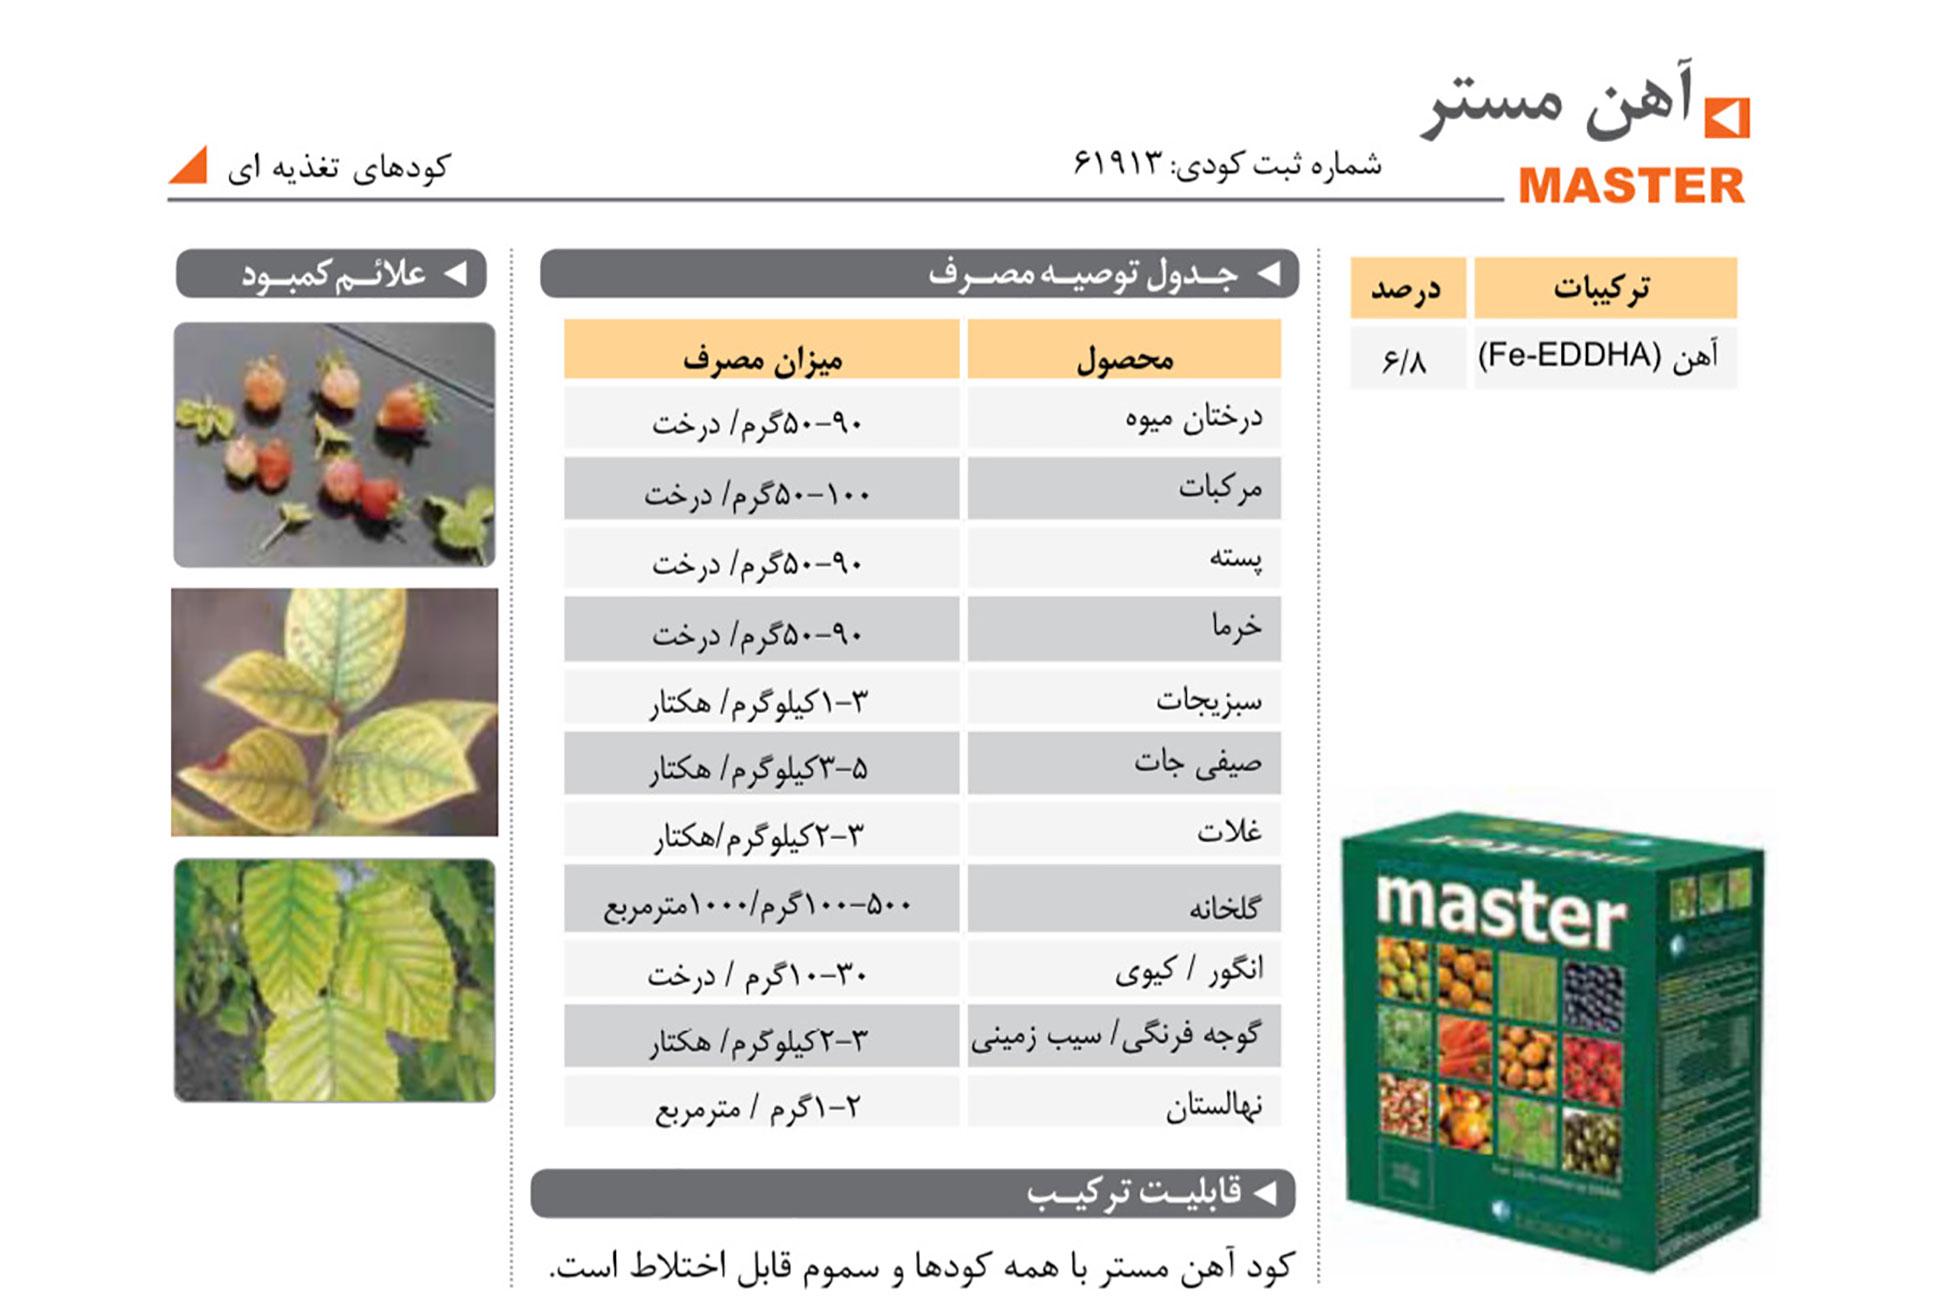 تامین کننده آهن در گیاه MASTER فیوچر